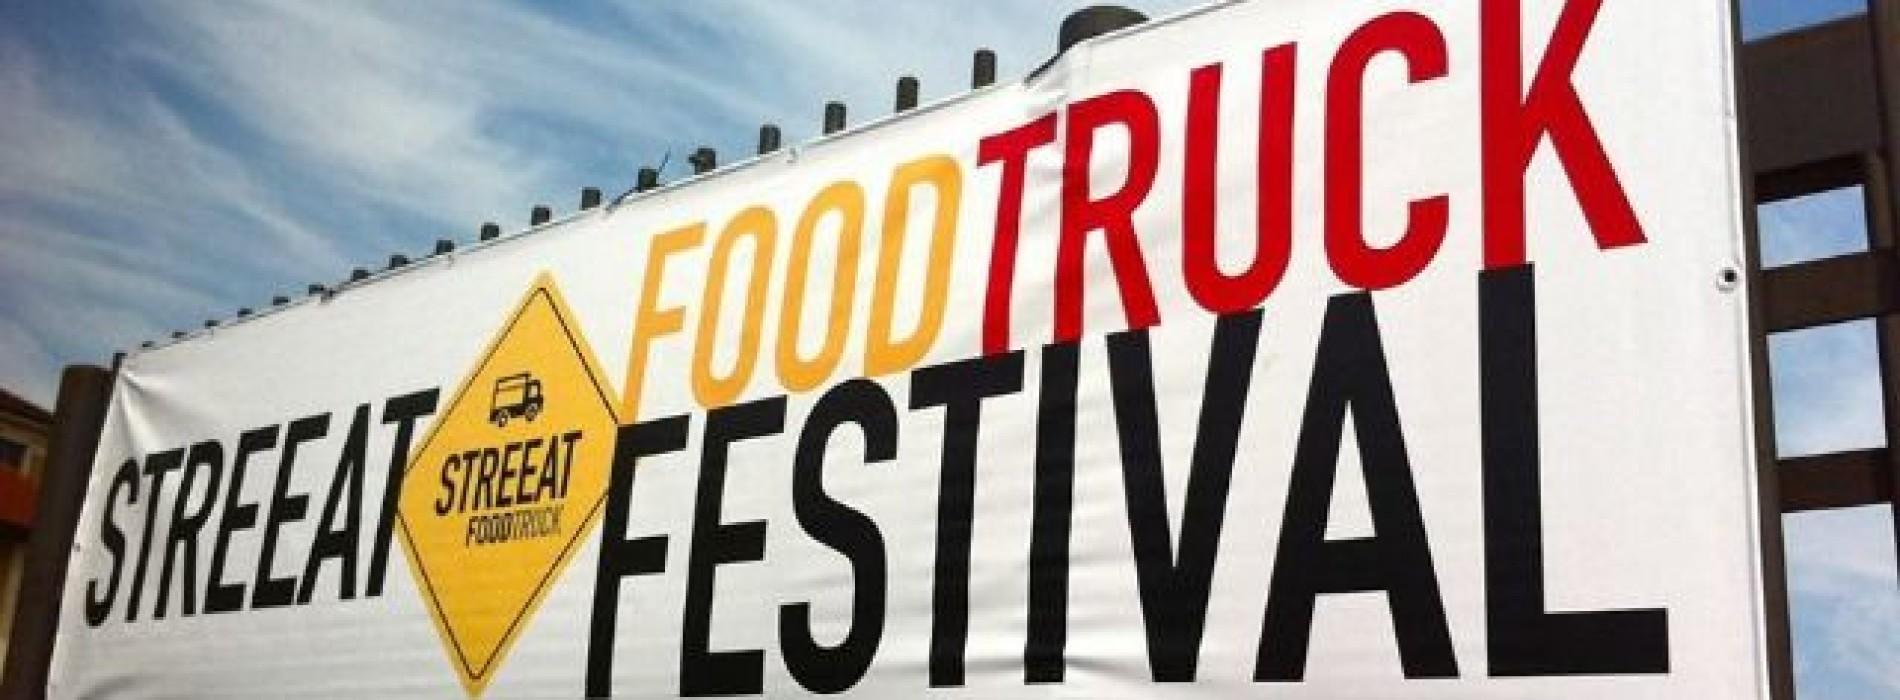 Streeat Food Truck a Milano: al Carroponte di Sesto San Giovanni il meglio del cibo di strada servito su ruote